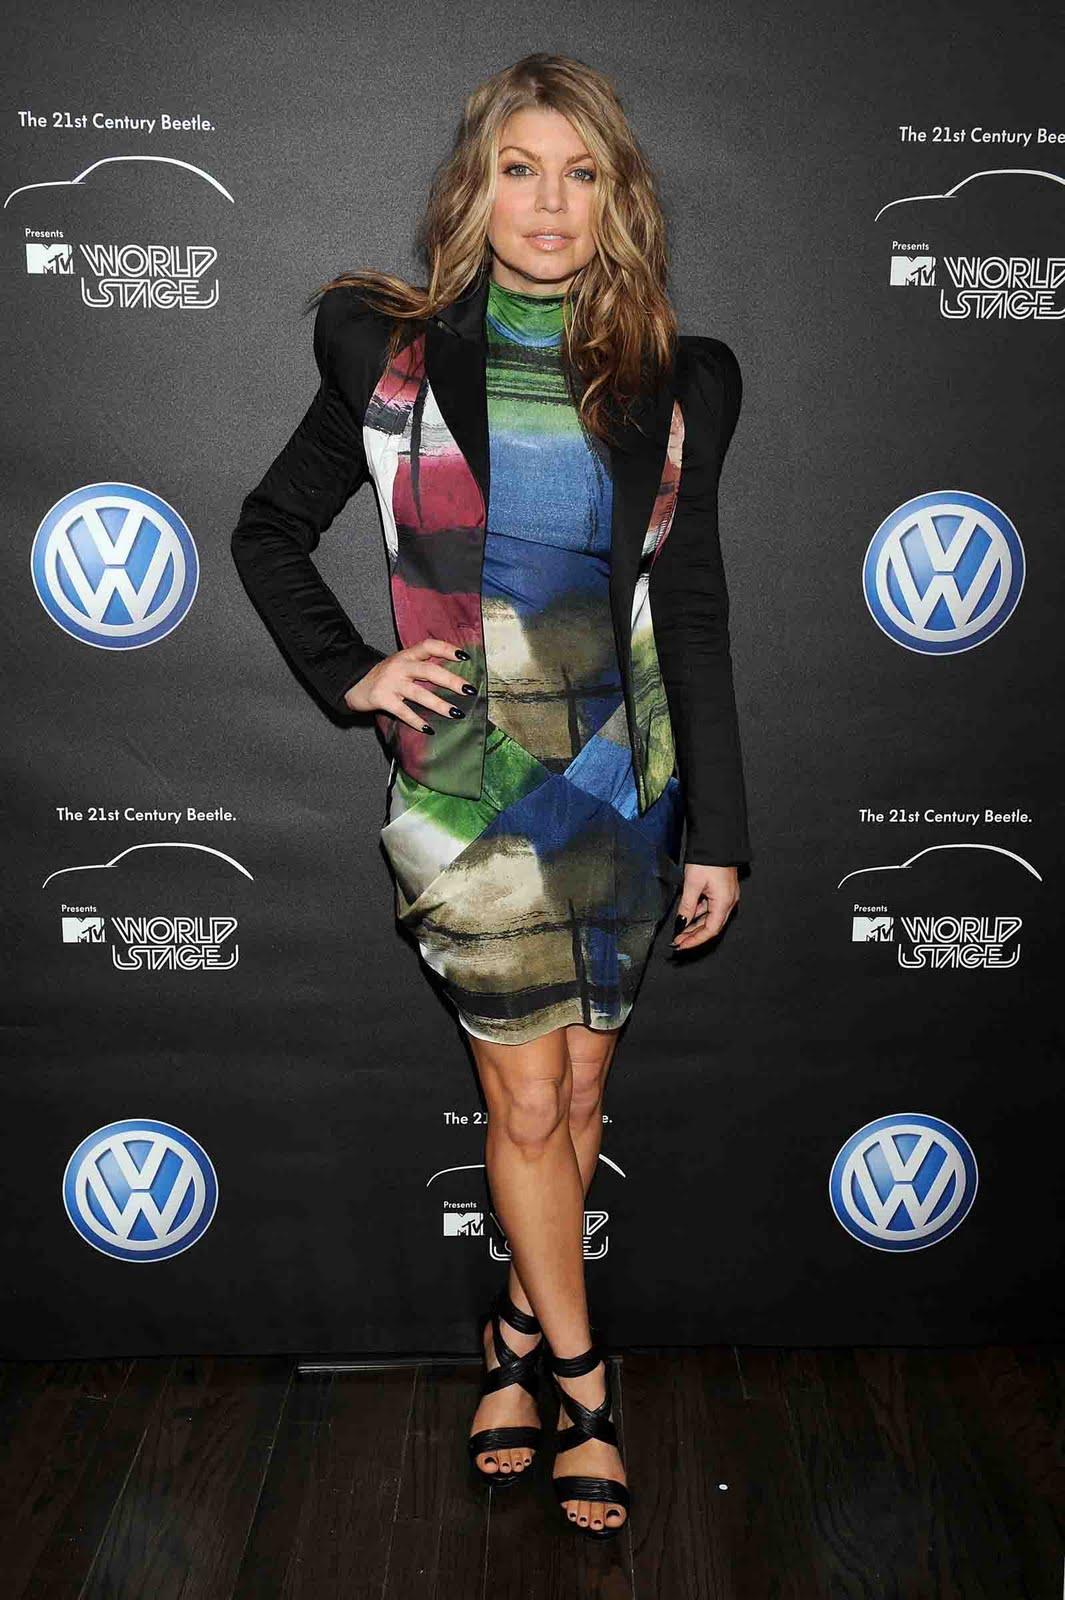 http://2.bp.blogspot.com/-03mJEV518oo/TbR5vhGKM9I/AAAAAAAAddY/LnldtAMOWPc/s1600/Fergie.jpg